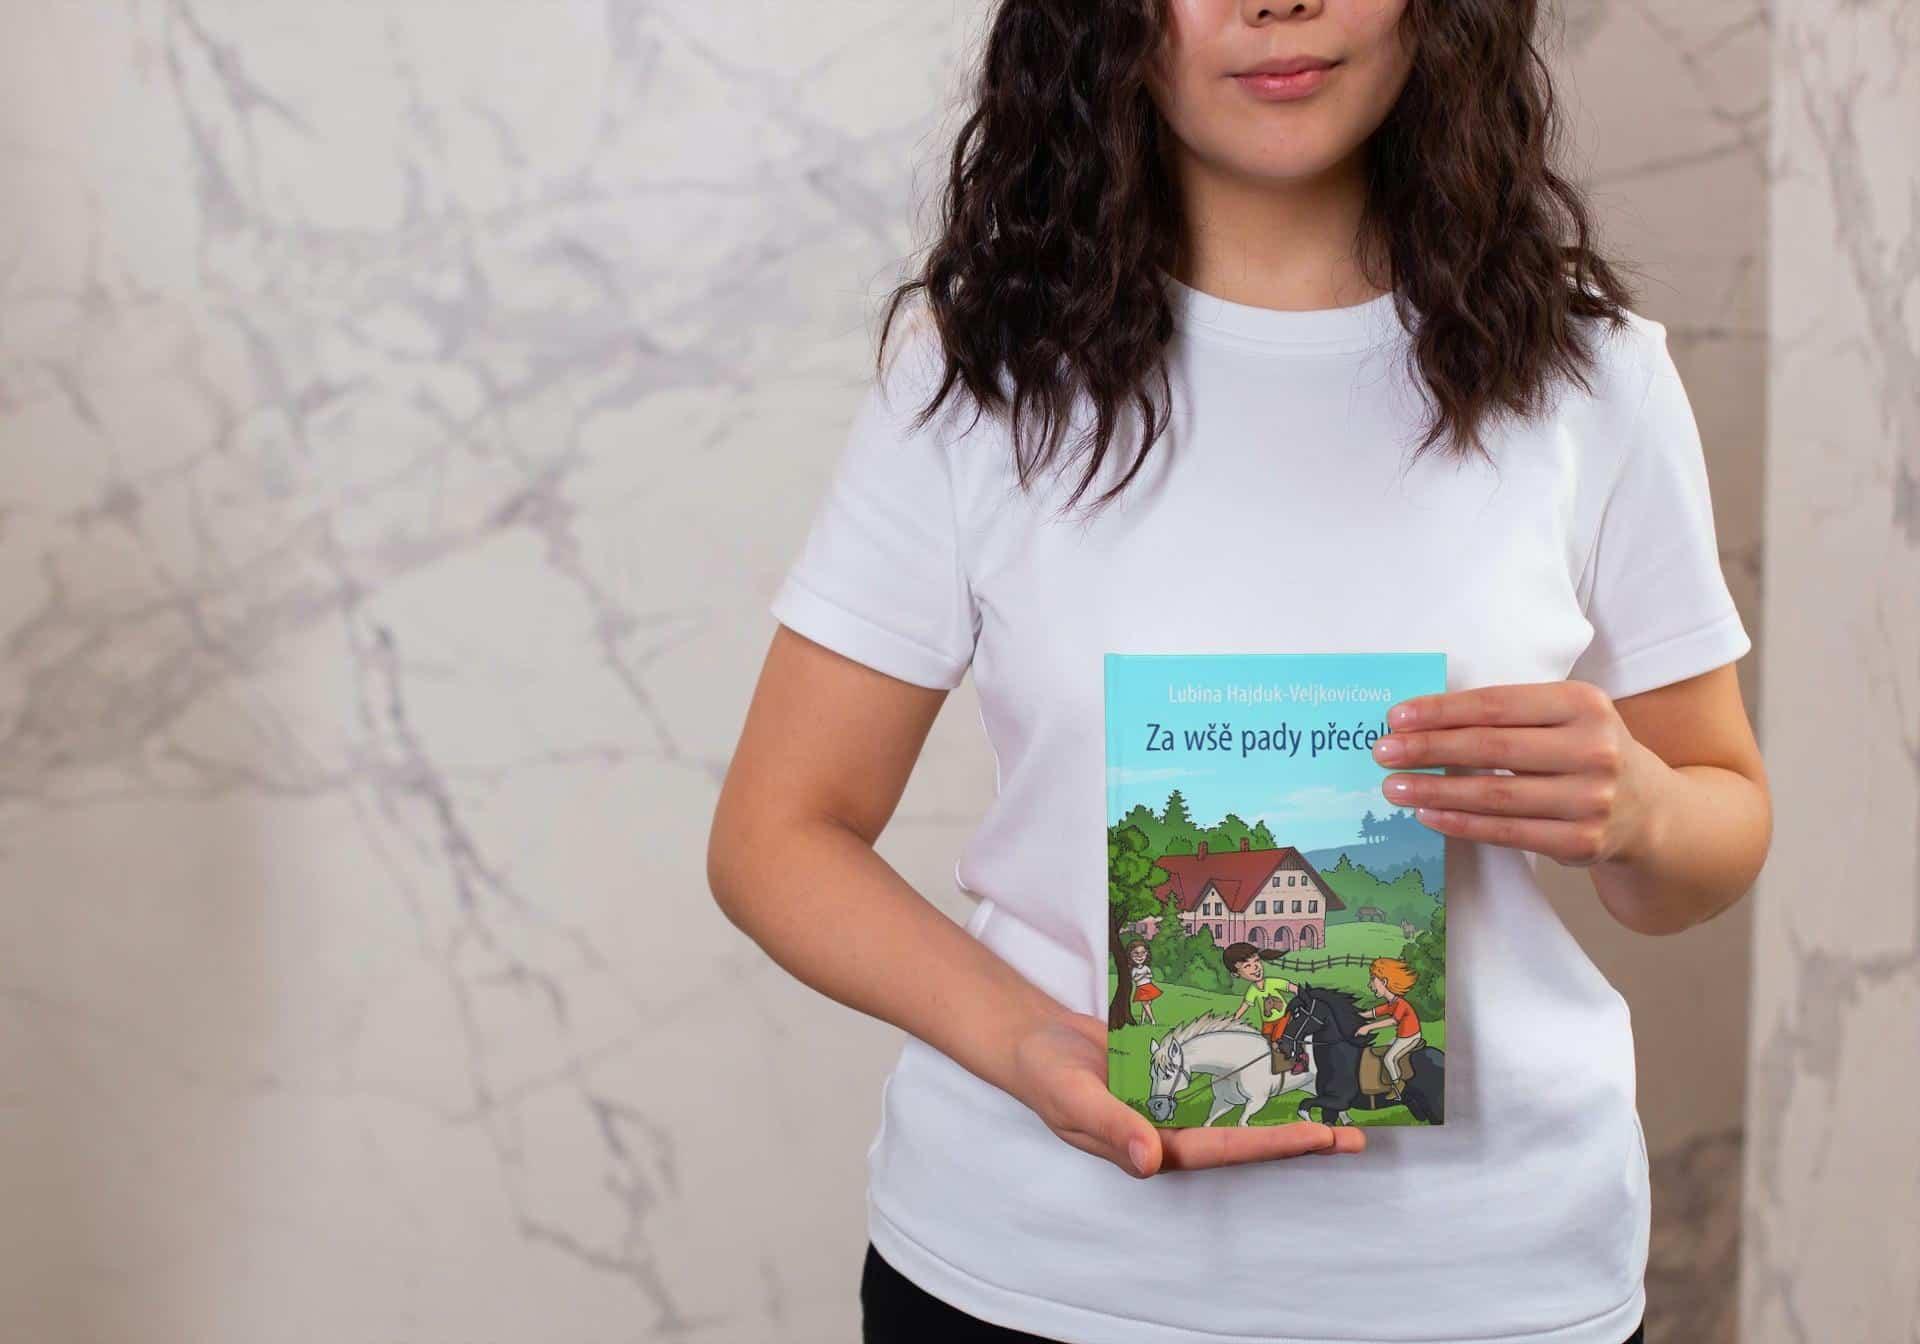 Livre pour enfants sur les chevaux par Lubina Hajduk